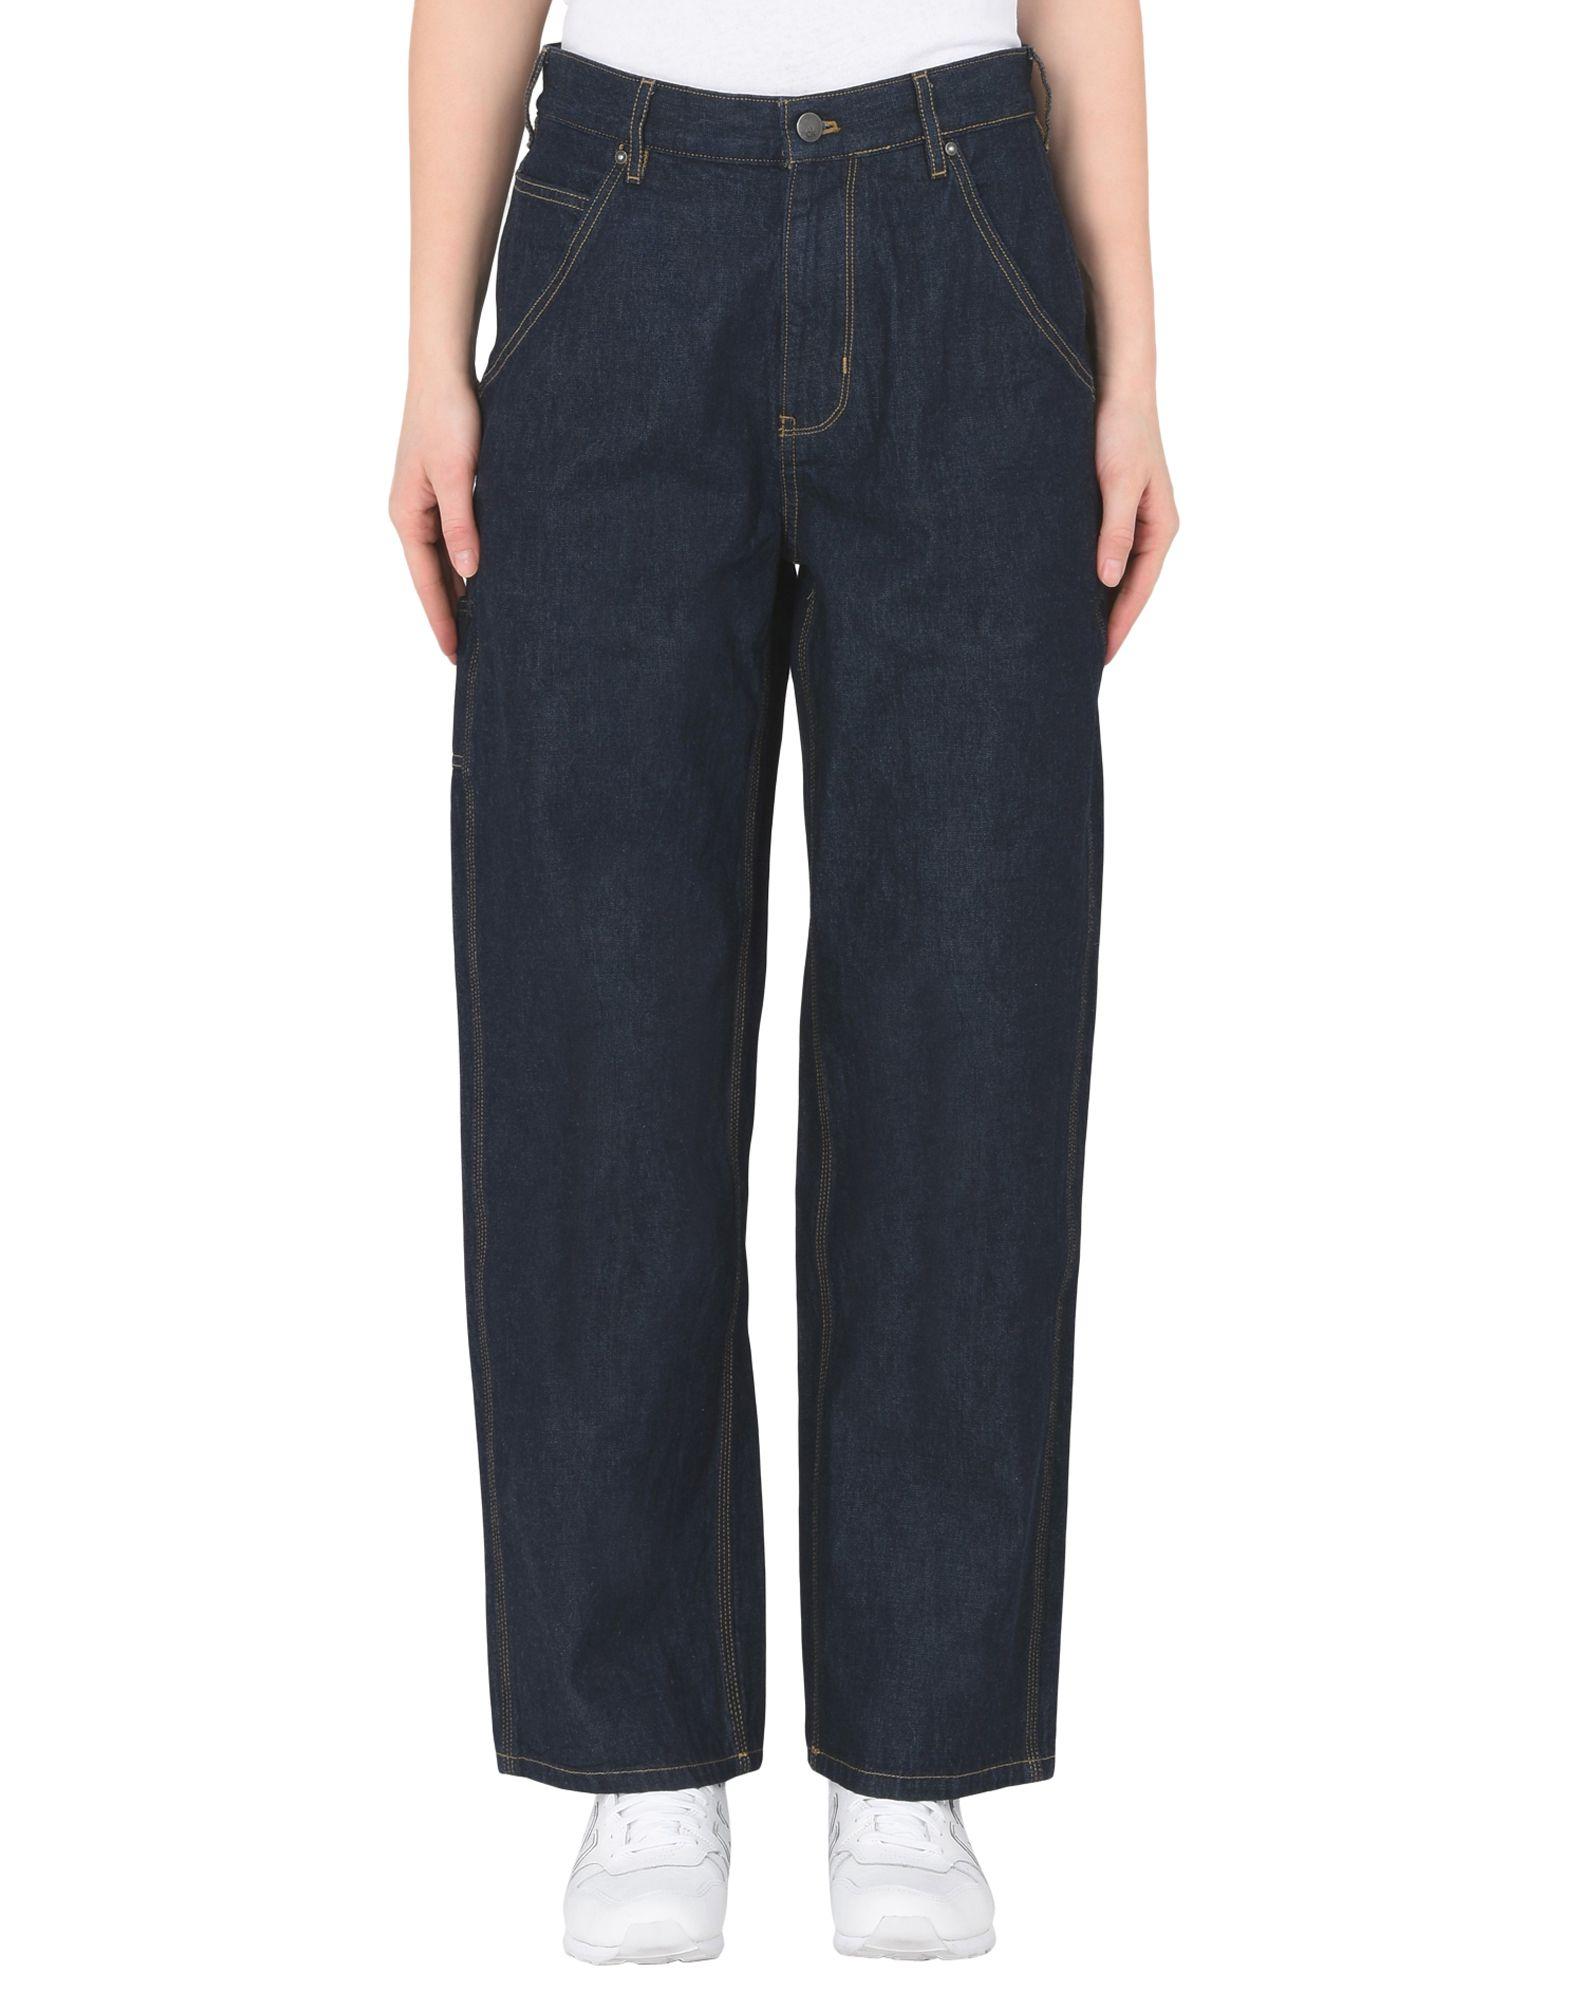 CALVIN KLEIN JEANS Джинсовые брюки calvin klein jeans джинсовые брюки